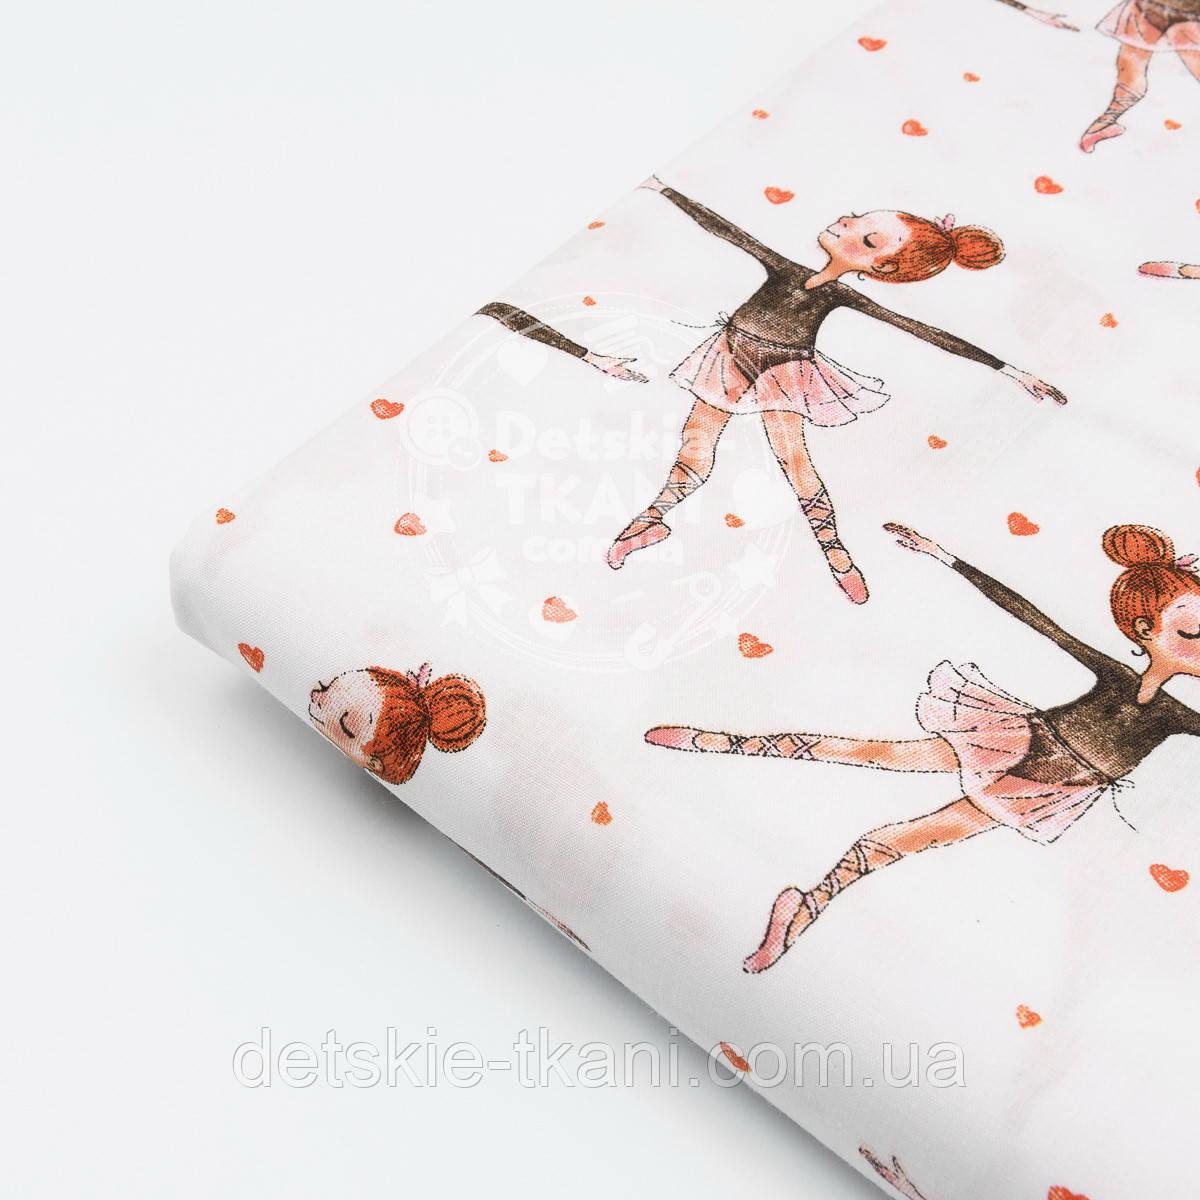 """Лоскут ткани №1224а  """"Рыжеволосые балерины с сердечками"""" на белом фоне"""